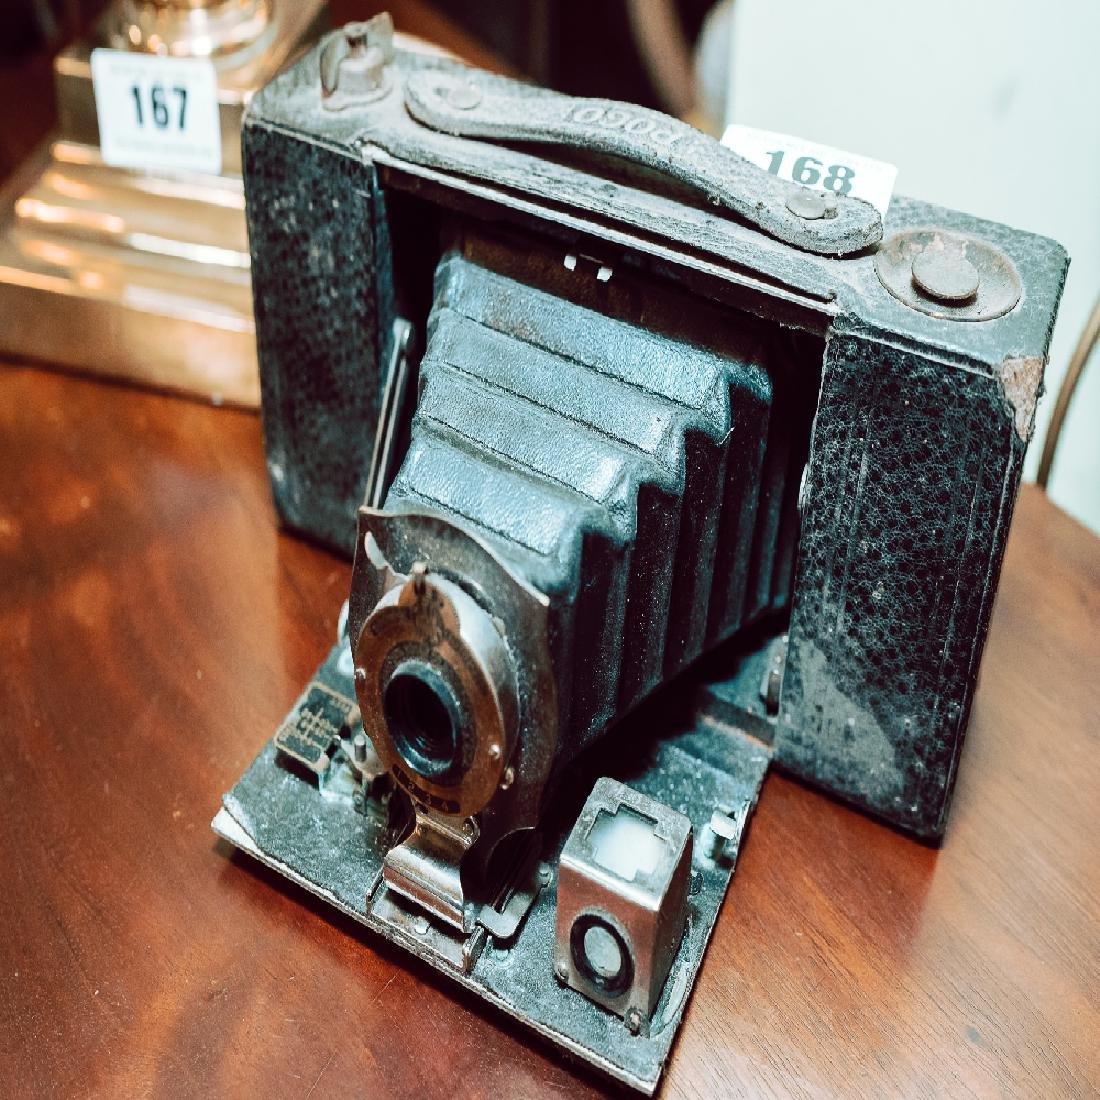 Early 20th C. box camera.